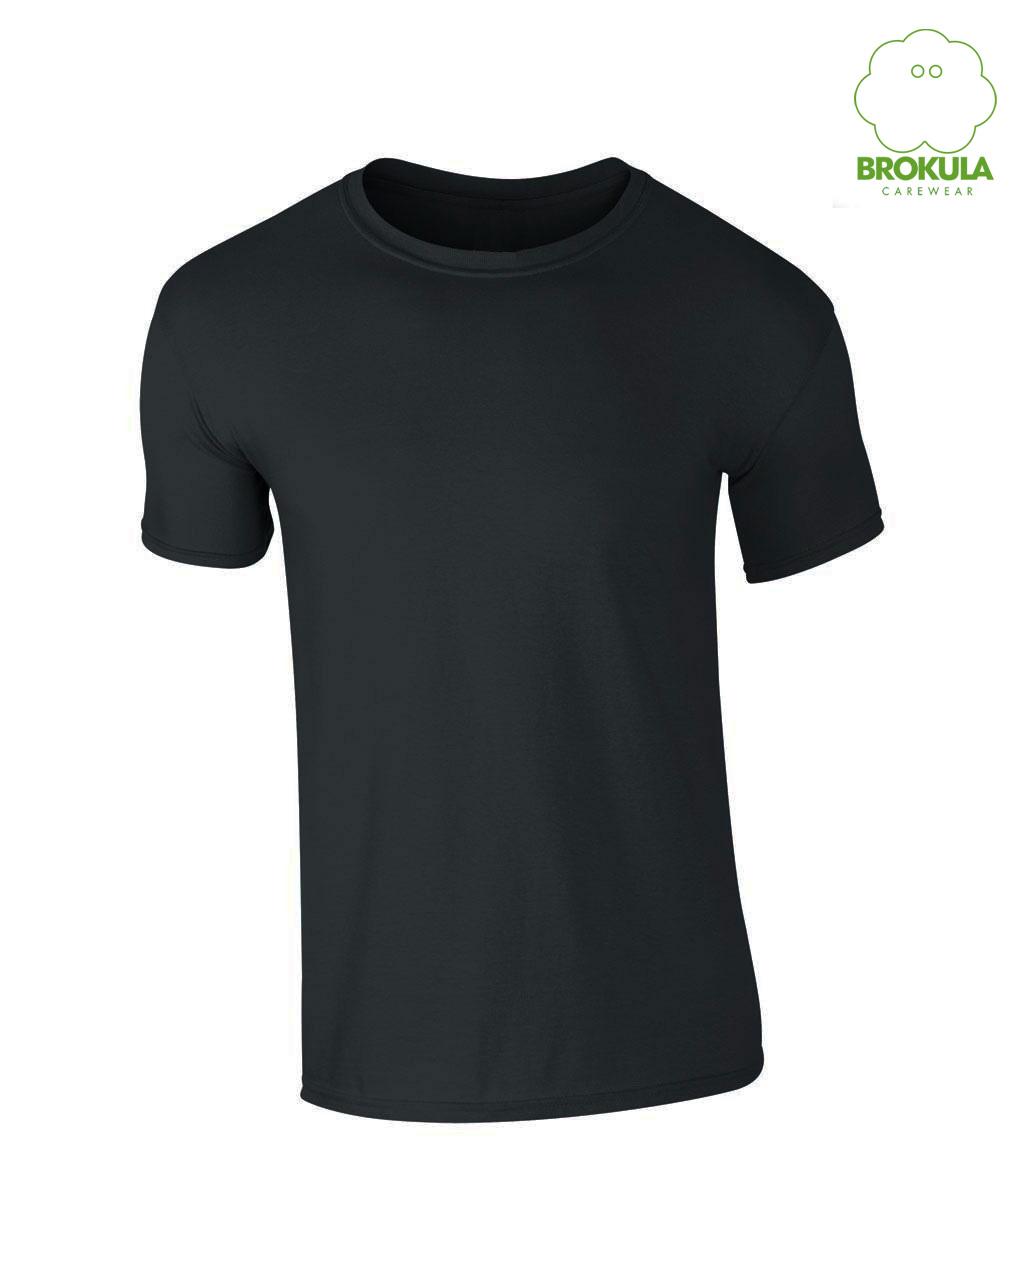 Muška T-shirt majica kratki rukav BROKULA organic line crna